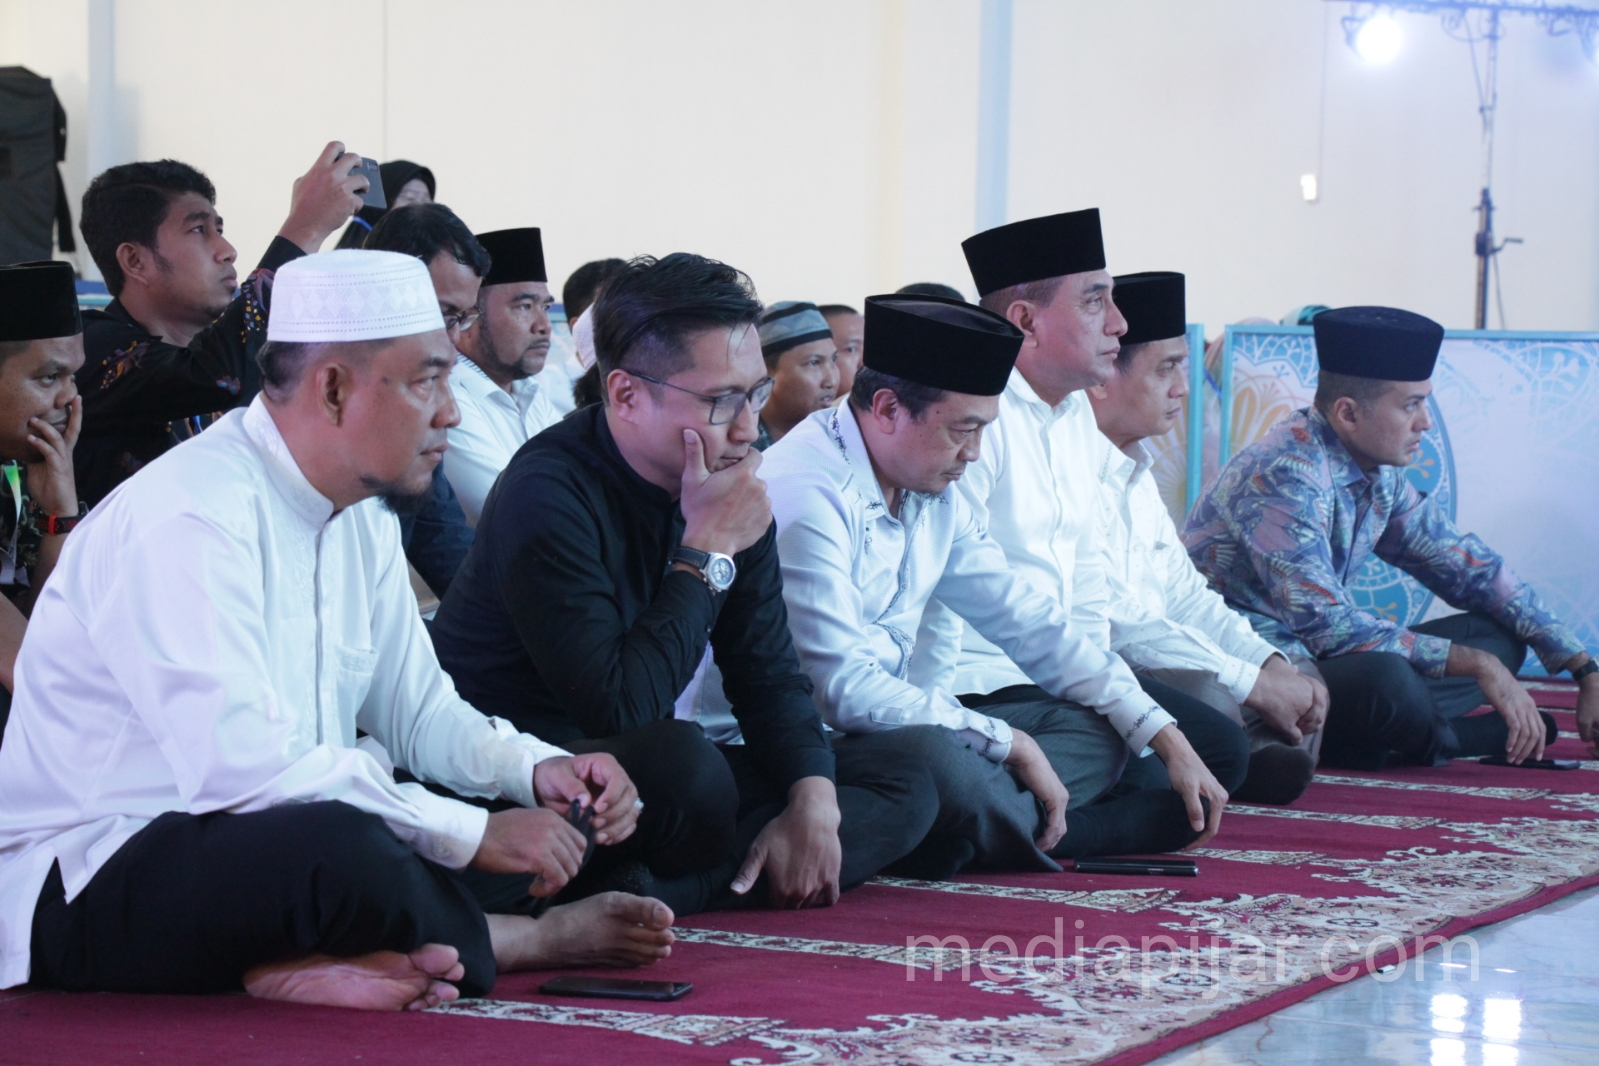 Gubernur Sumatera Utara, Edy Rahmayadi (tiga dari kiri) menghadiri Hijrahfest di Medan pada Jumat (5/4/2019) bersama Wakilnya, Musa Rajekshah. (Fotografer: Hidayat Sikumbang)